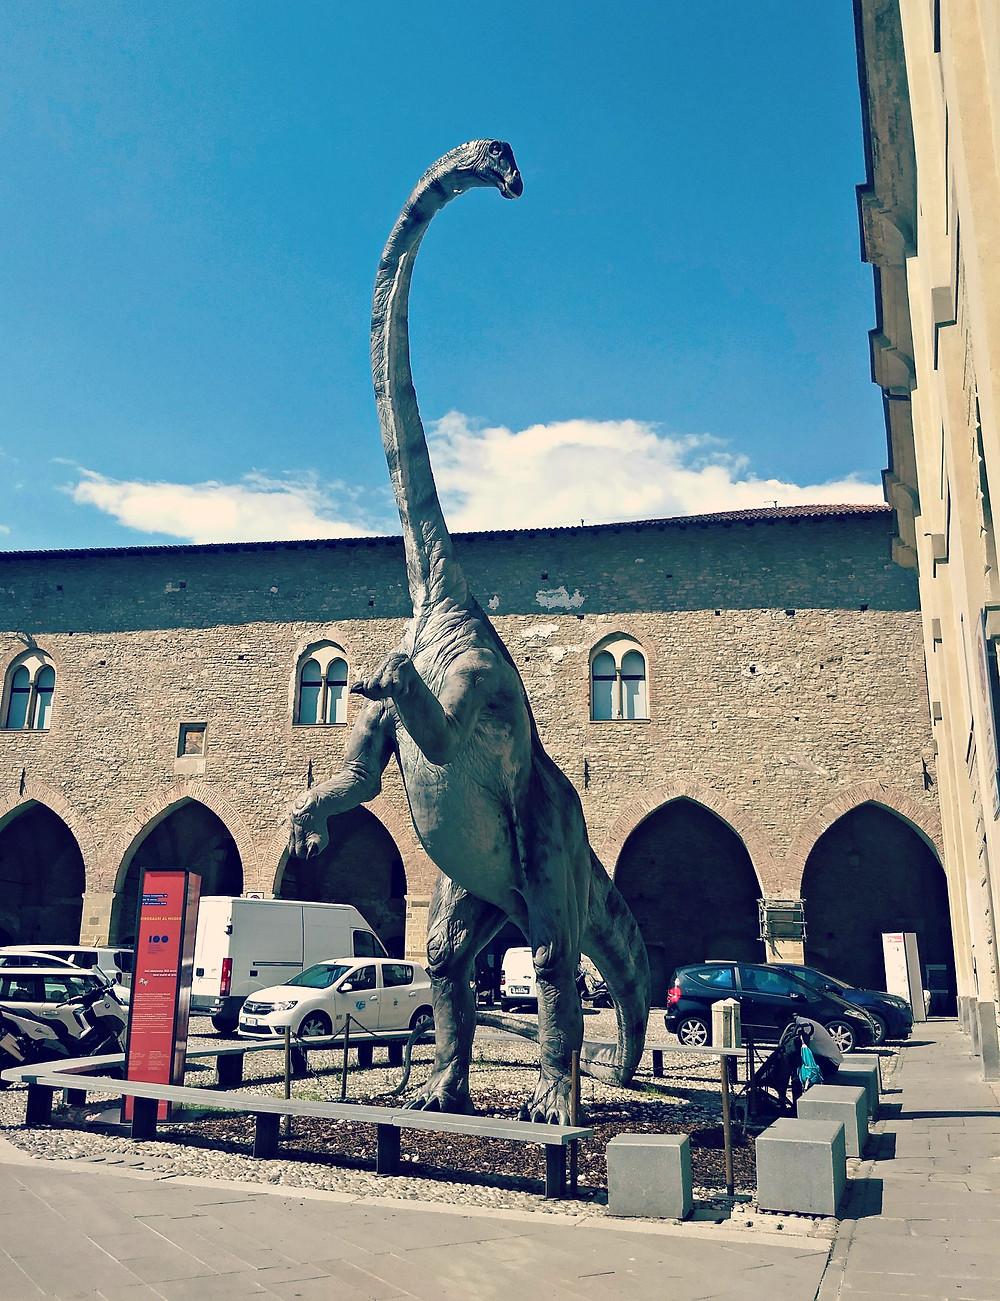 The natural science museum in Piazza della Cittadella, Bergamo.